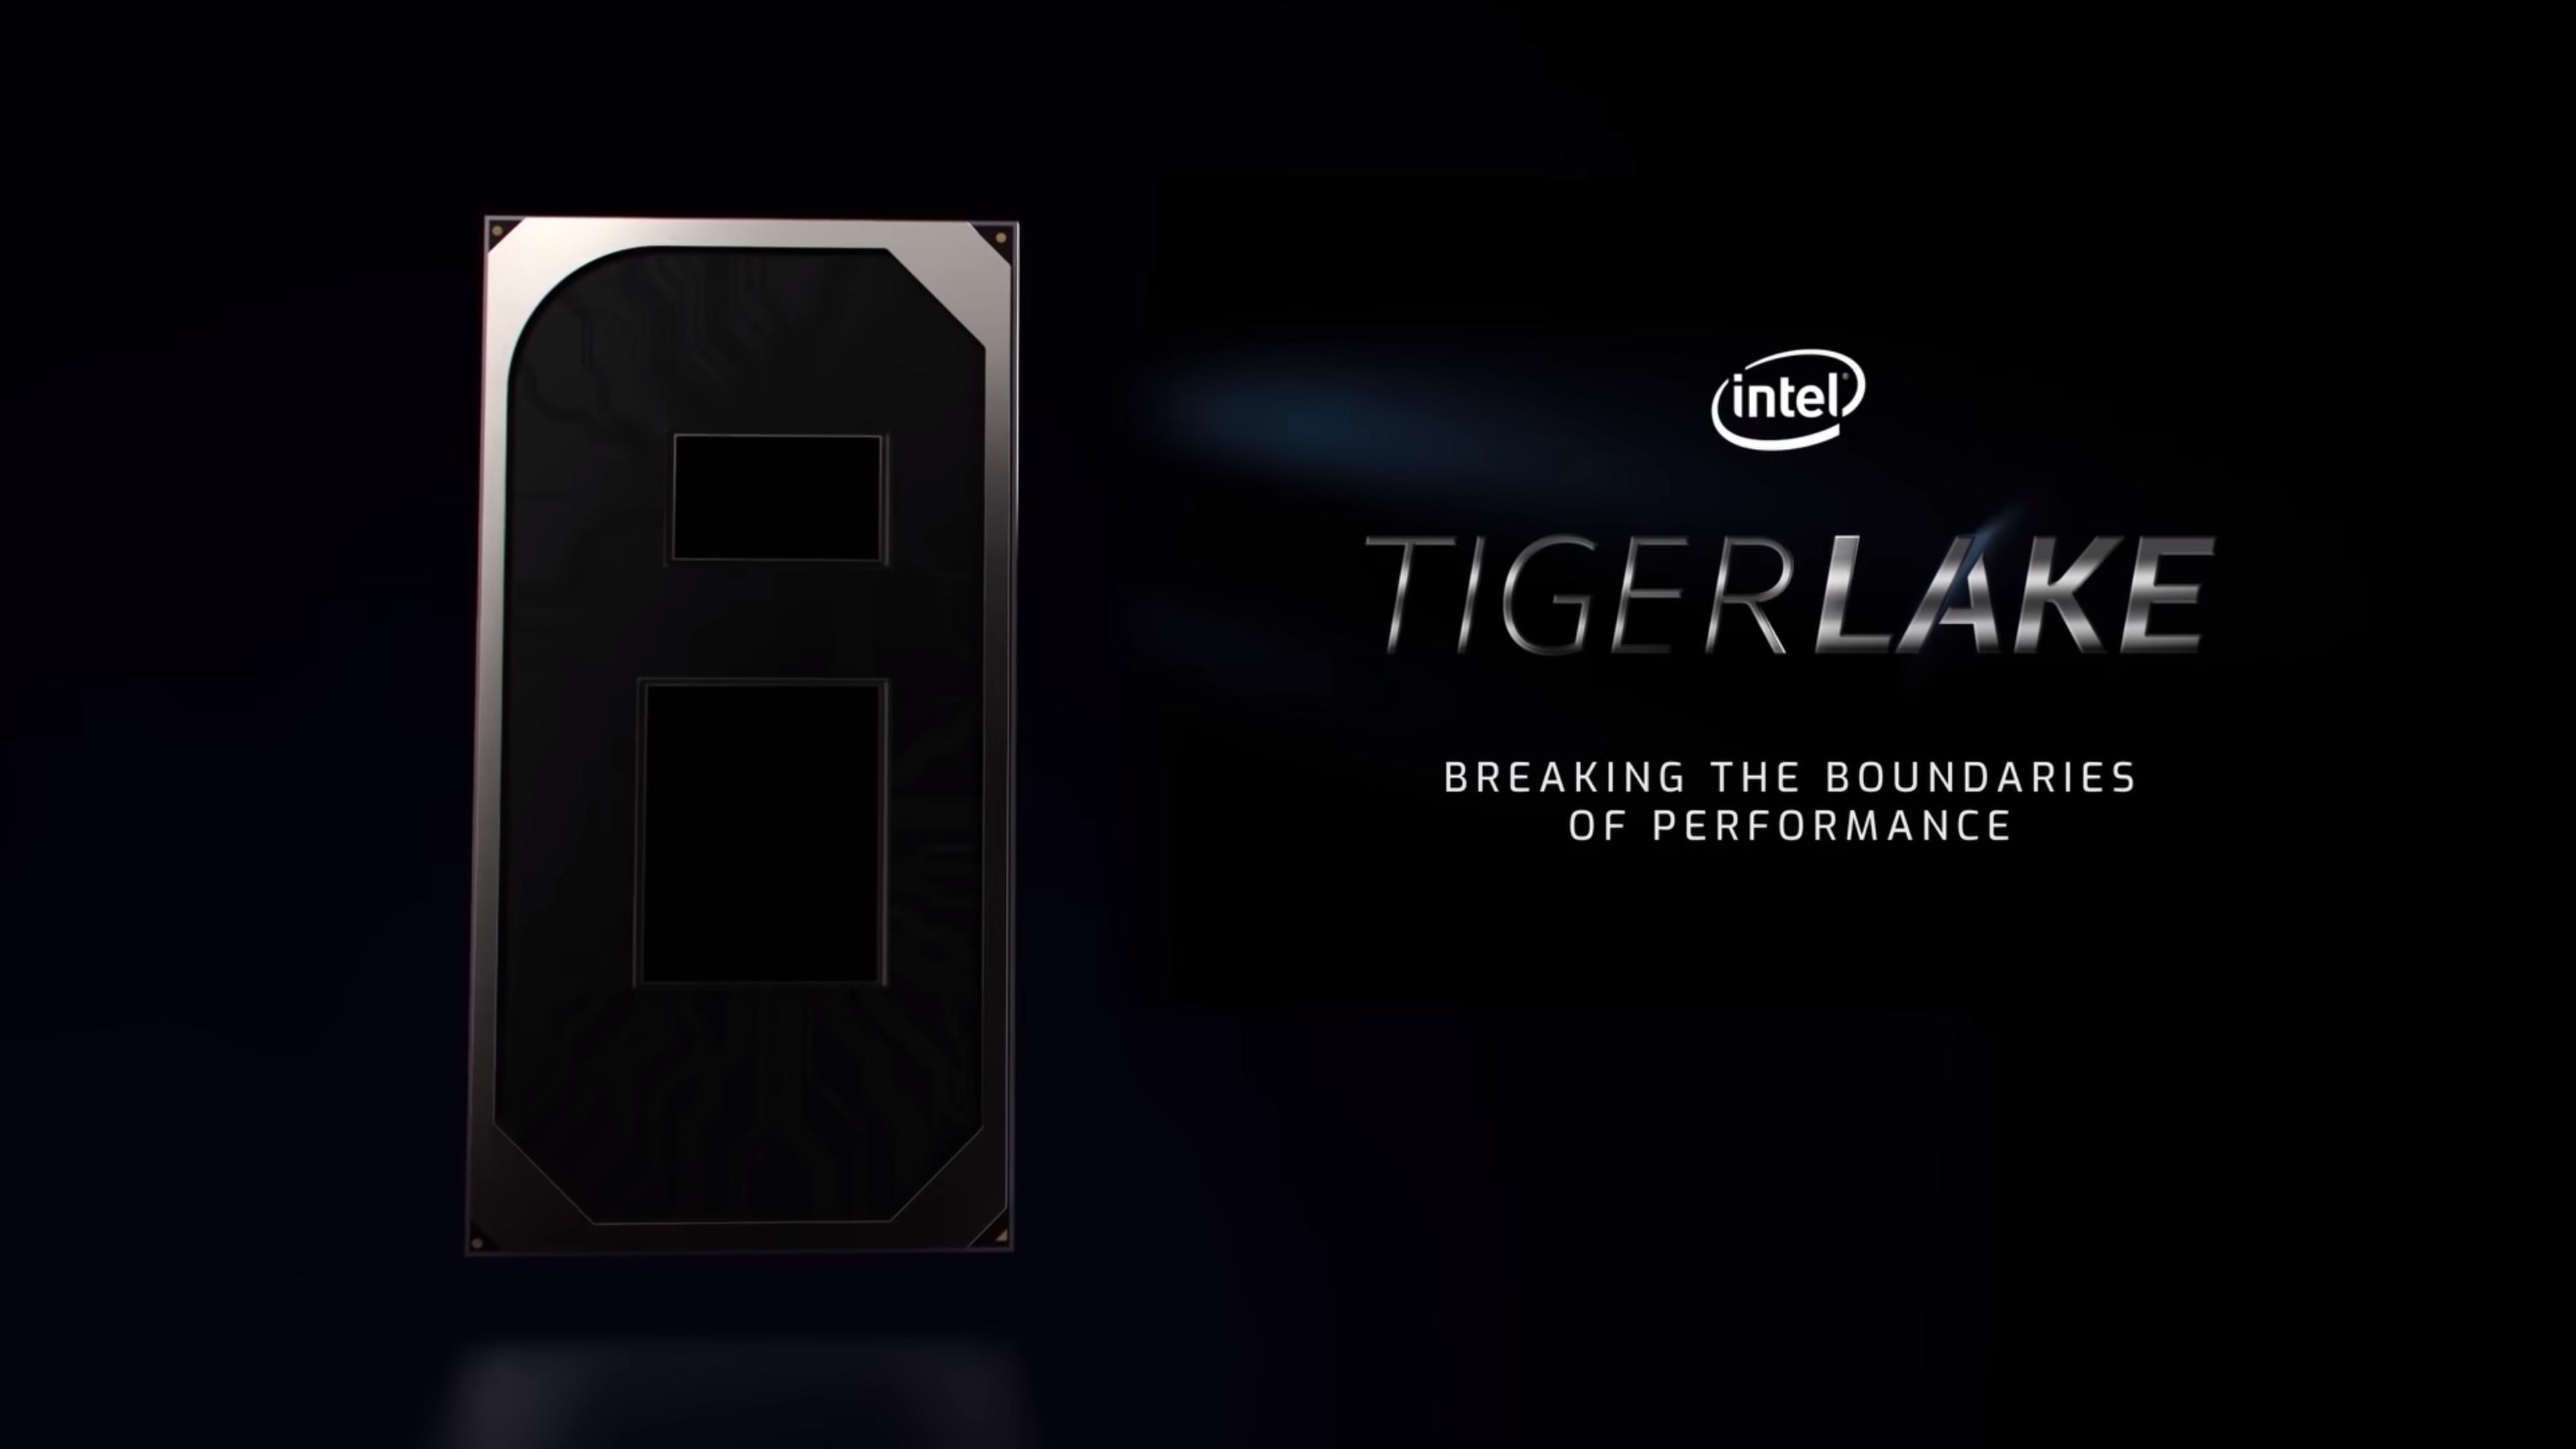 Прибыль и выручка у Intel упали, однако компания по-прежнему обещает, что 2020 год будет рекордным